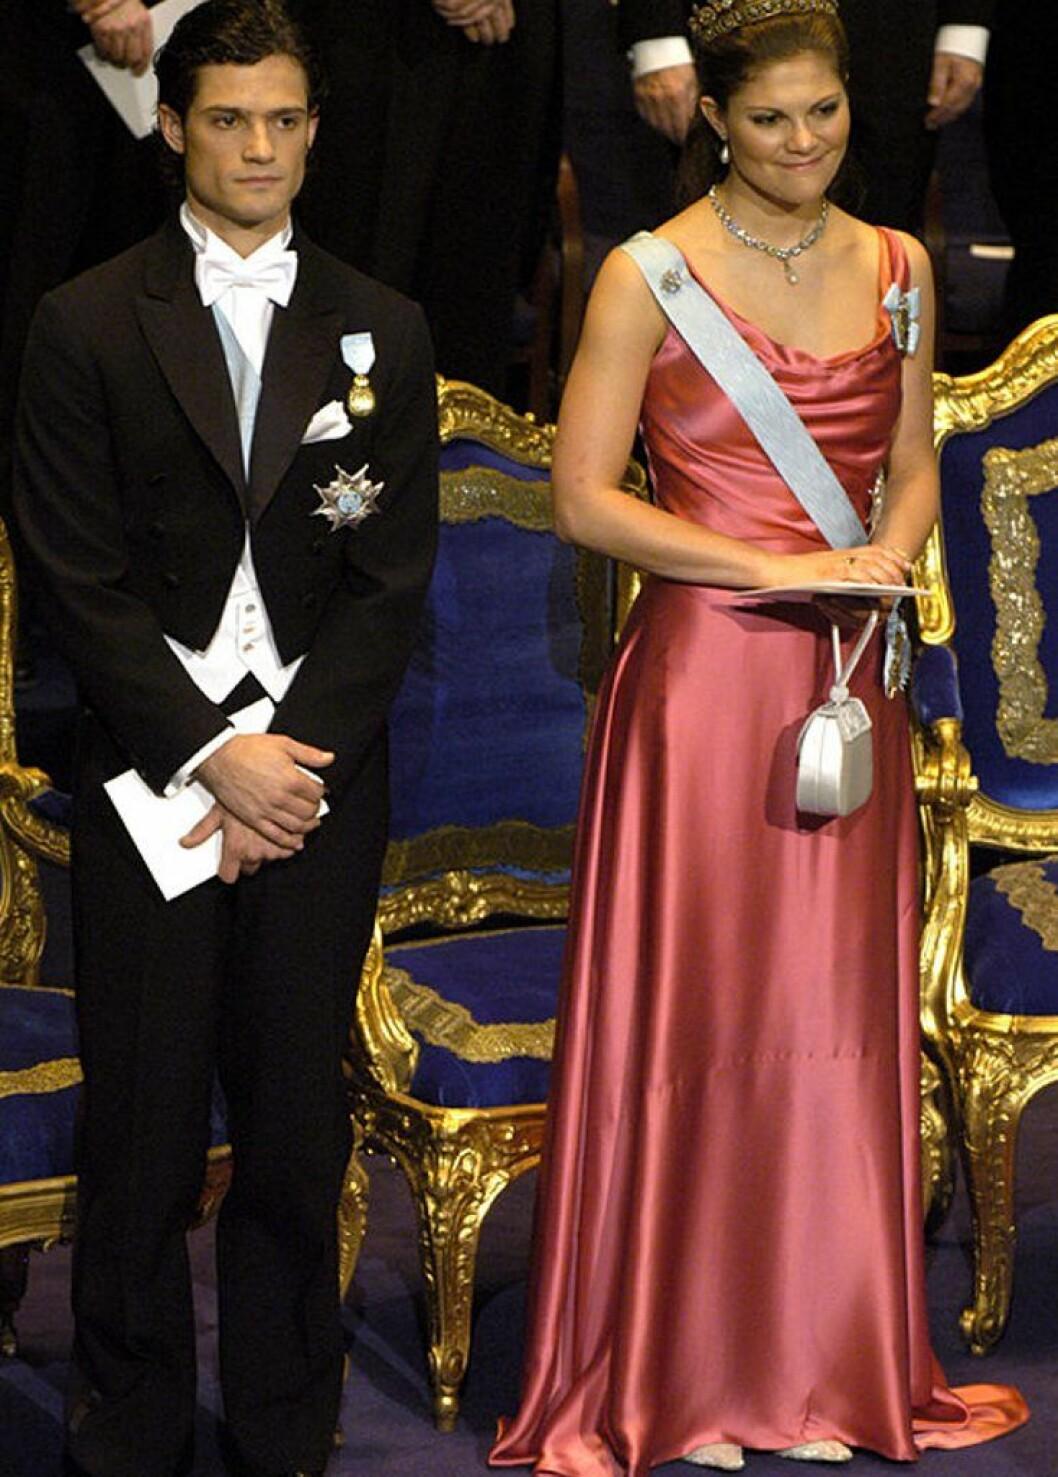 Kronprinsessan Victoria i en rosa sidenklänning.